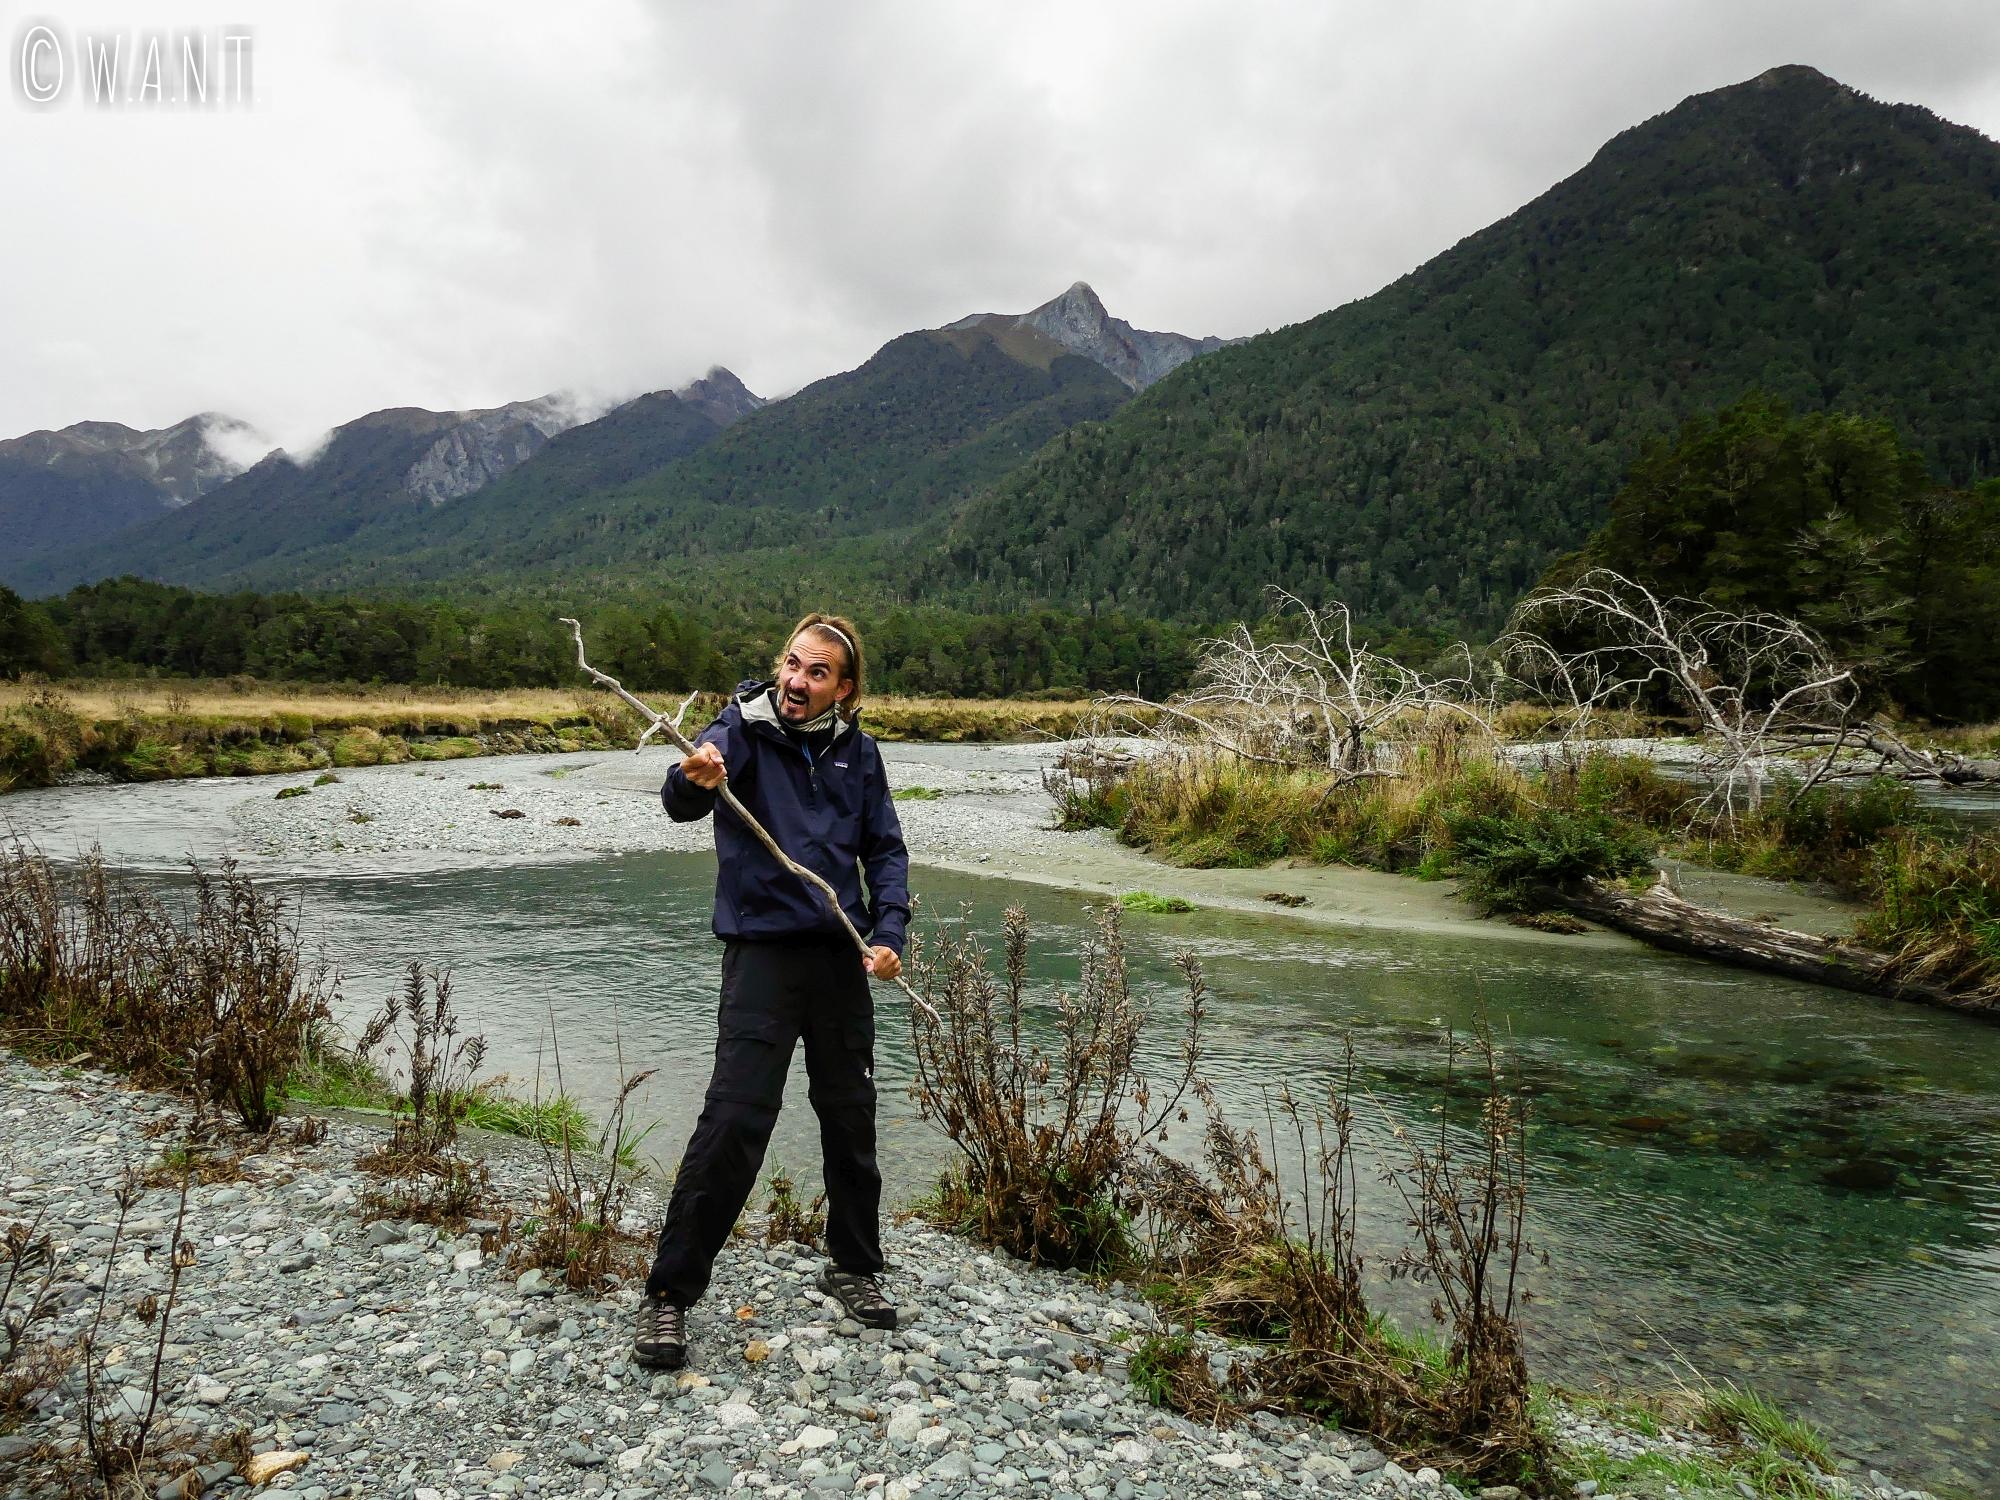 Le paysage du Deer Flat Camping en Nouvelle Zélande inspire Benjamin